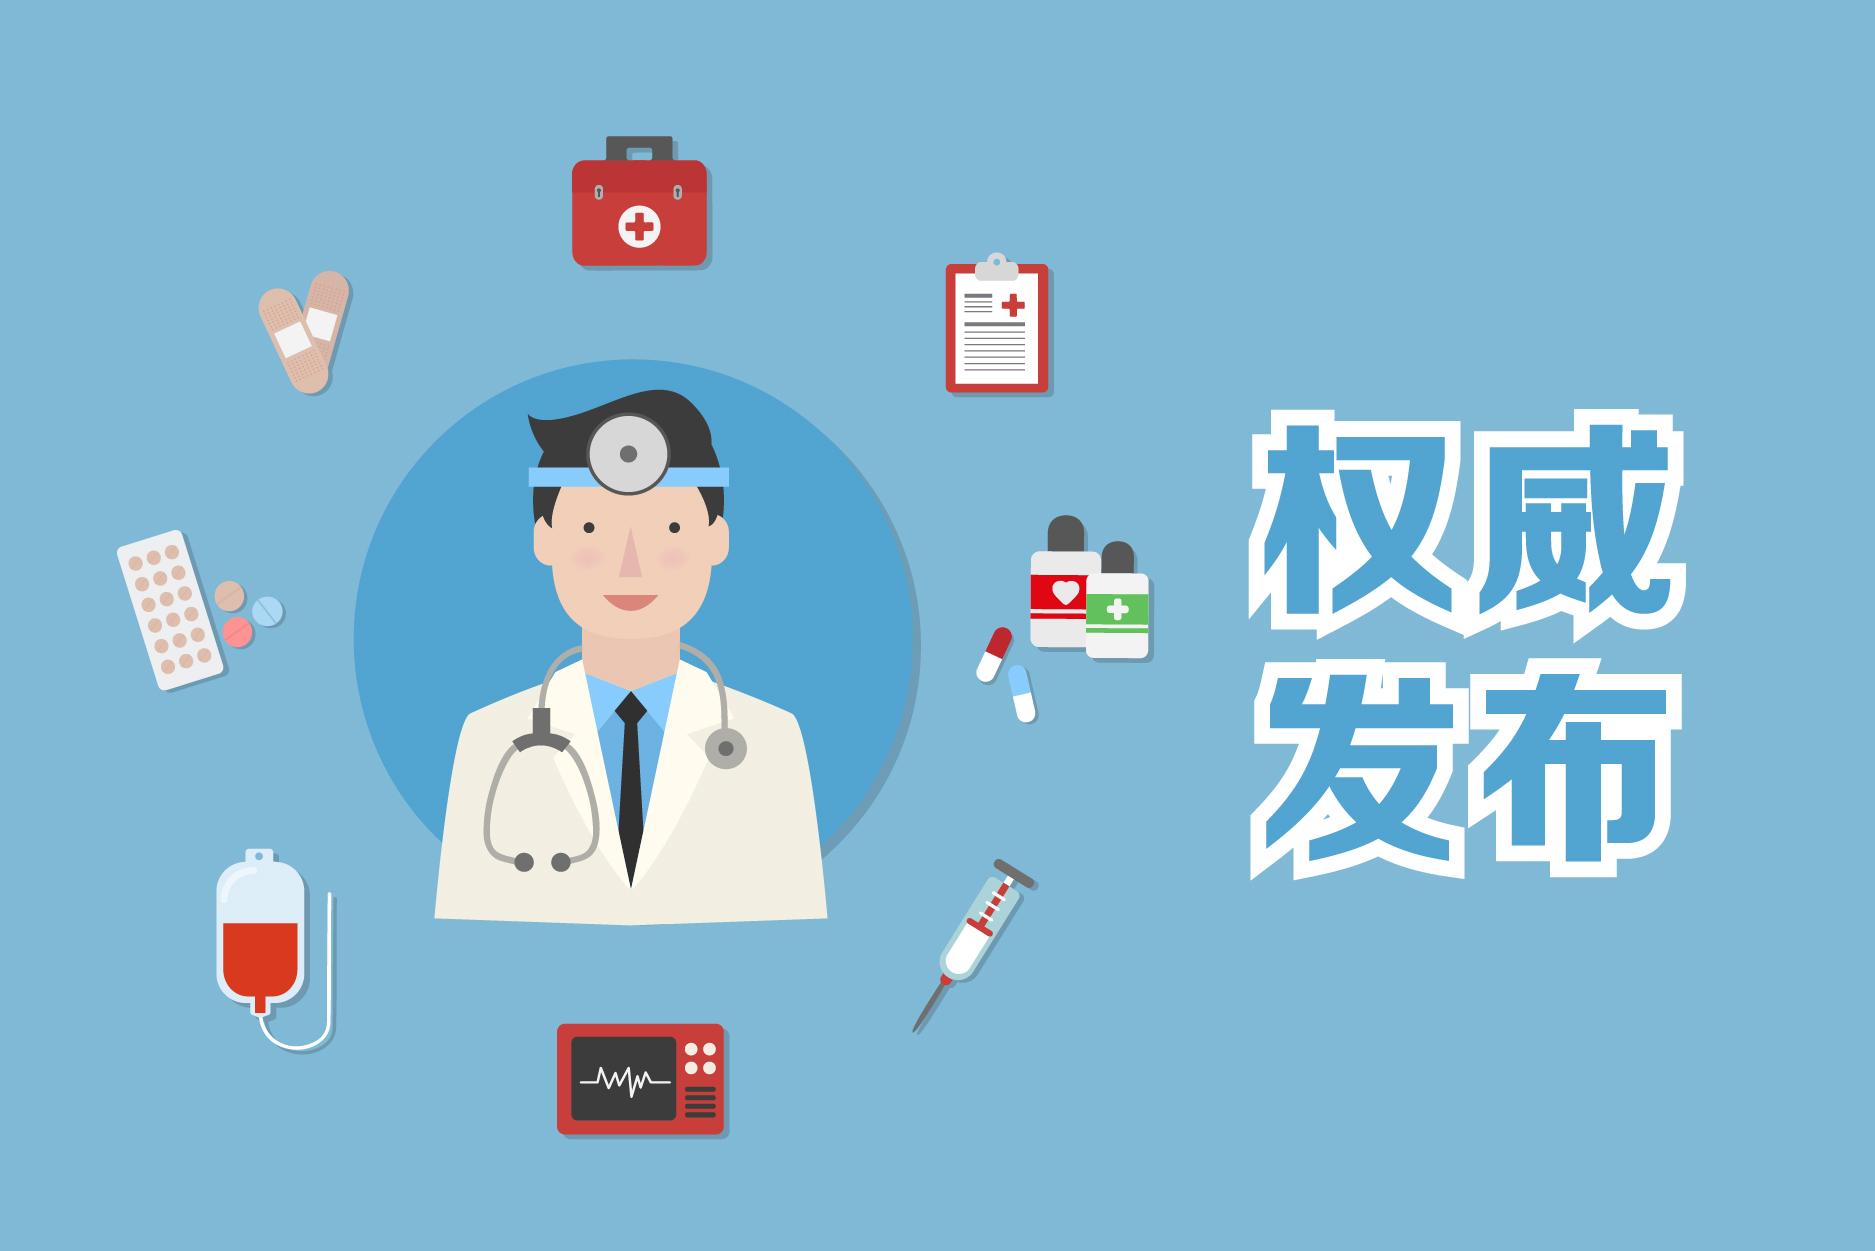 天津新规:10月1日起在公立医院停车不足半小时免费